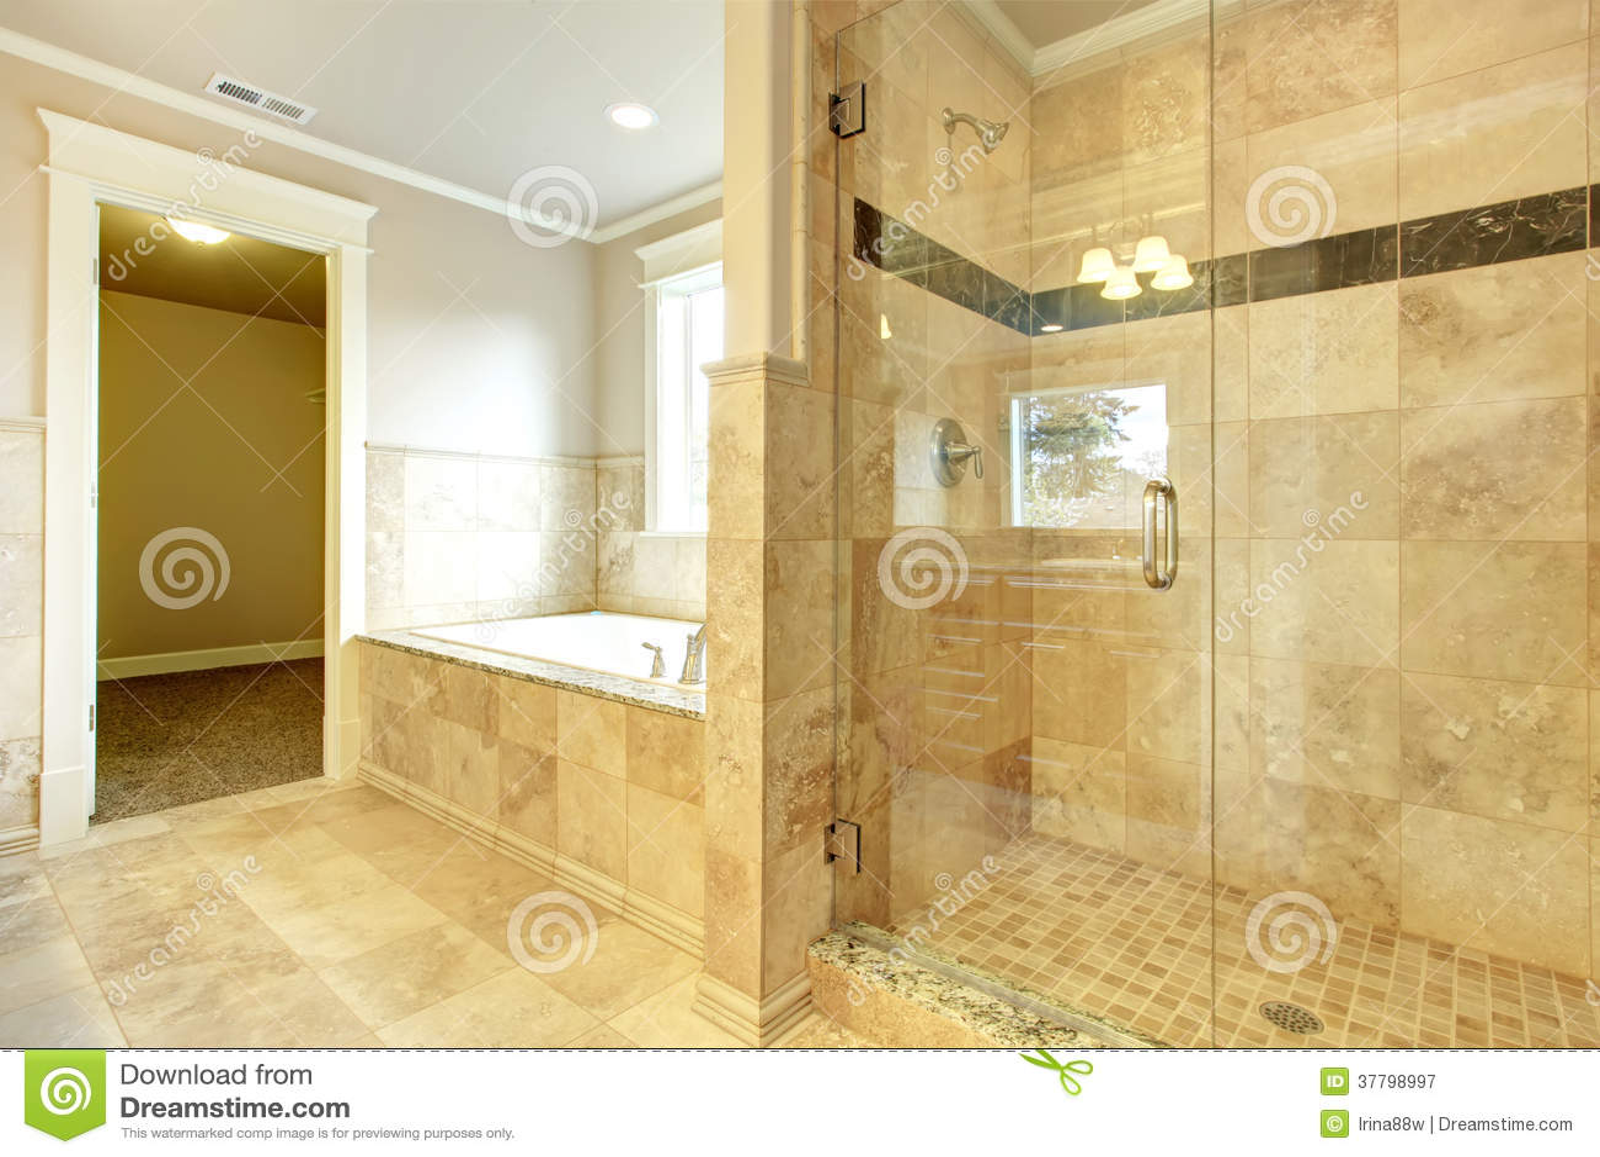 Cuarto de ba o acogedor con la ducha de la puerta de la tina y del vidrio fotograf a de archivo - Duchas con puertas de vidrio ...